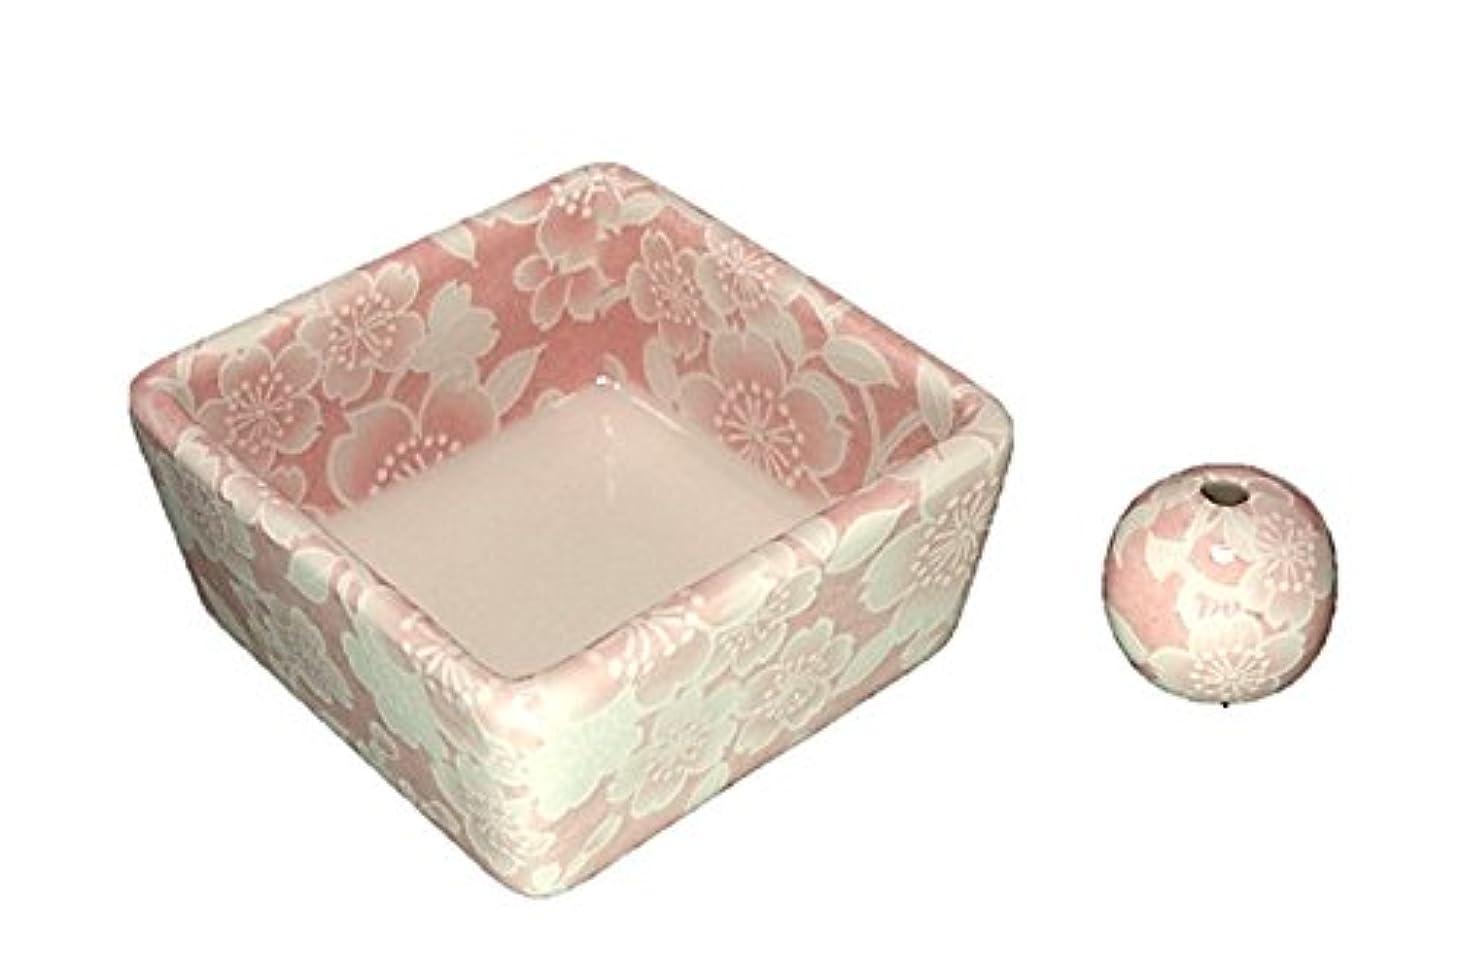 シュート超高層ビル盟主和モダン 桜友禅 ピンク お香立て 陶器 角鉢 製造直売品